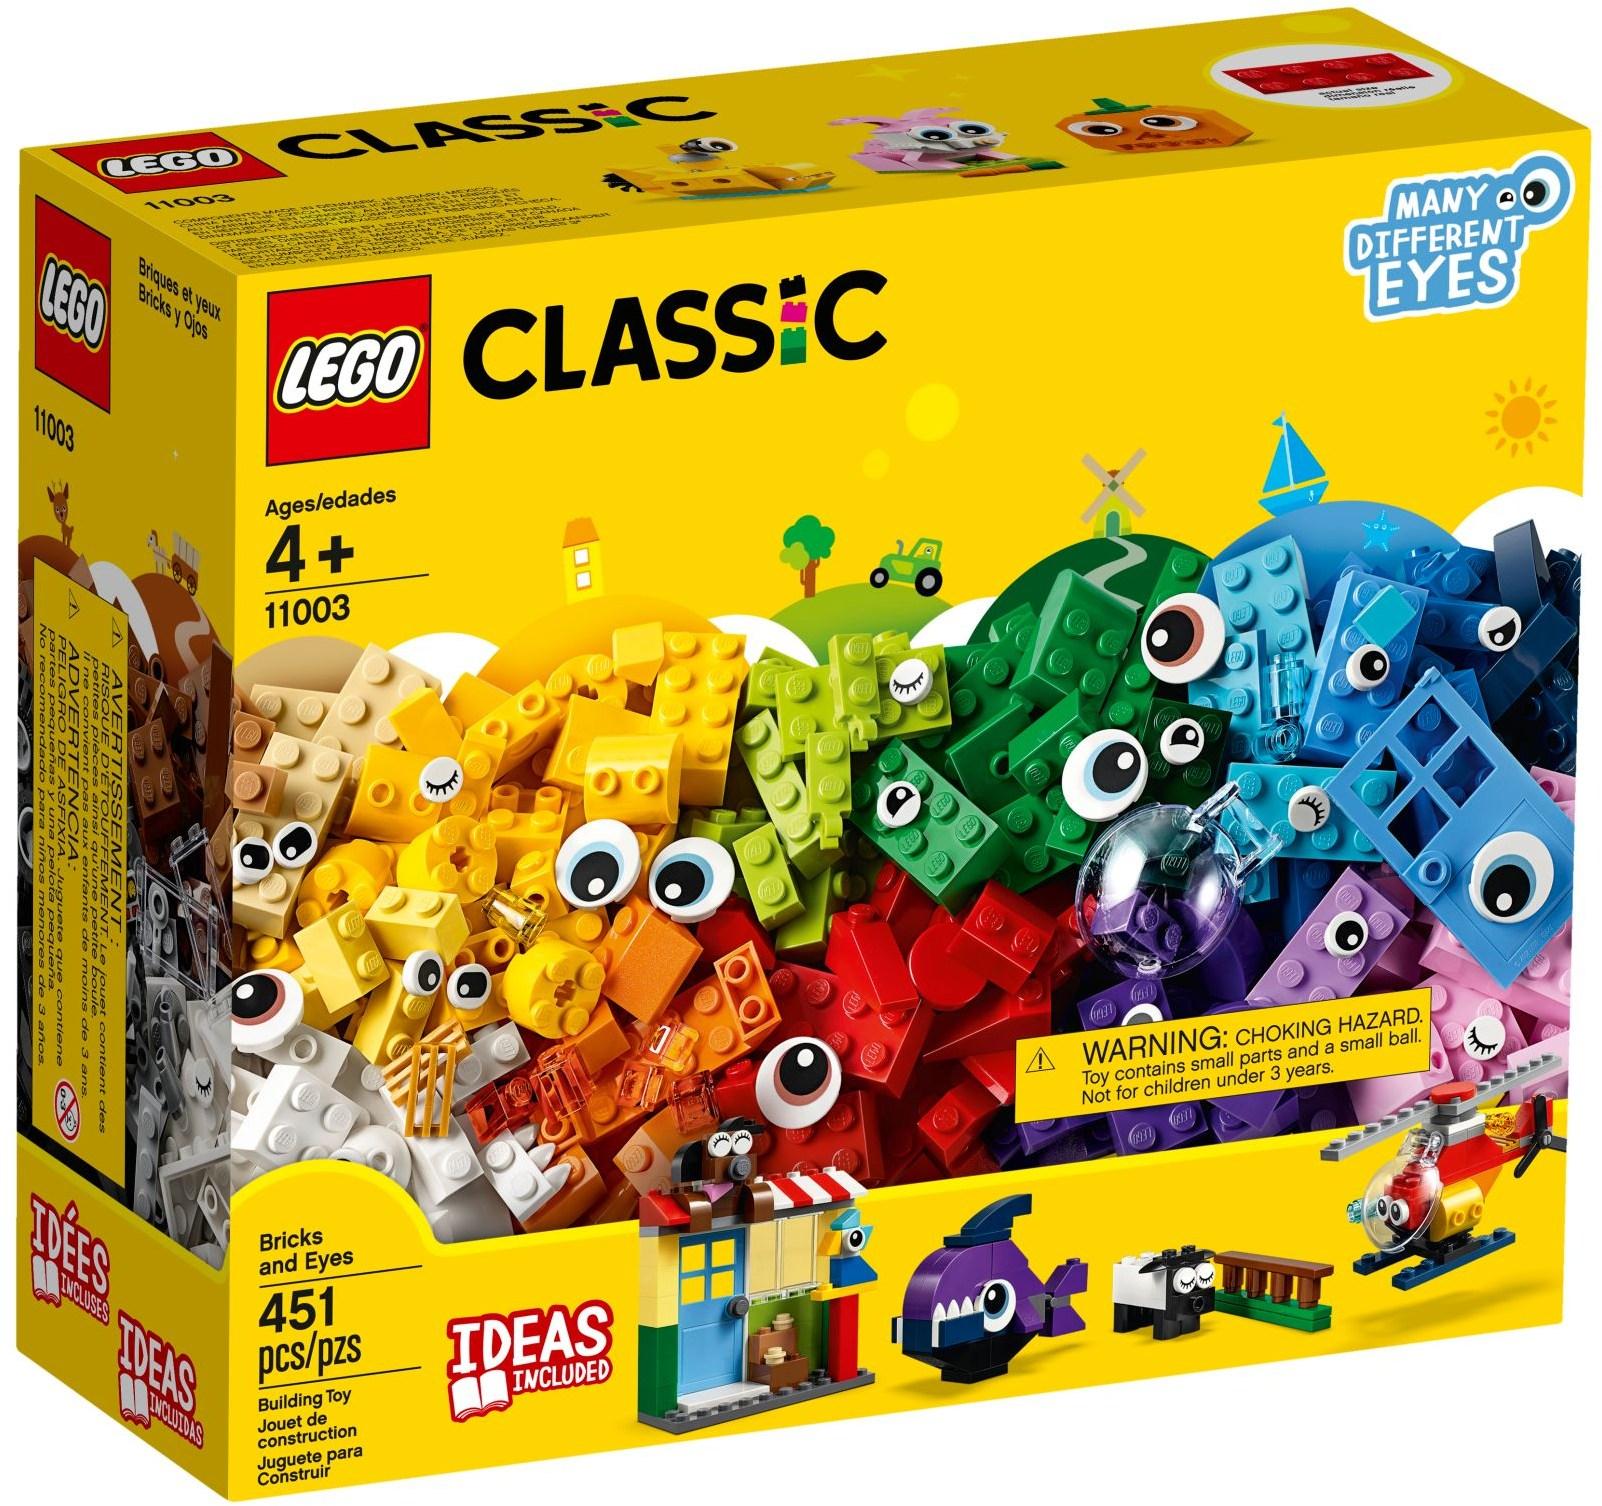 LEGO BRICKS & EYES - 11003